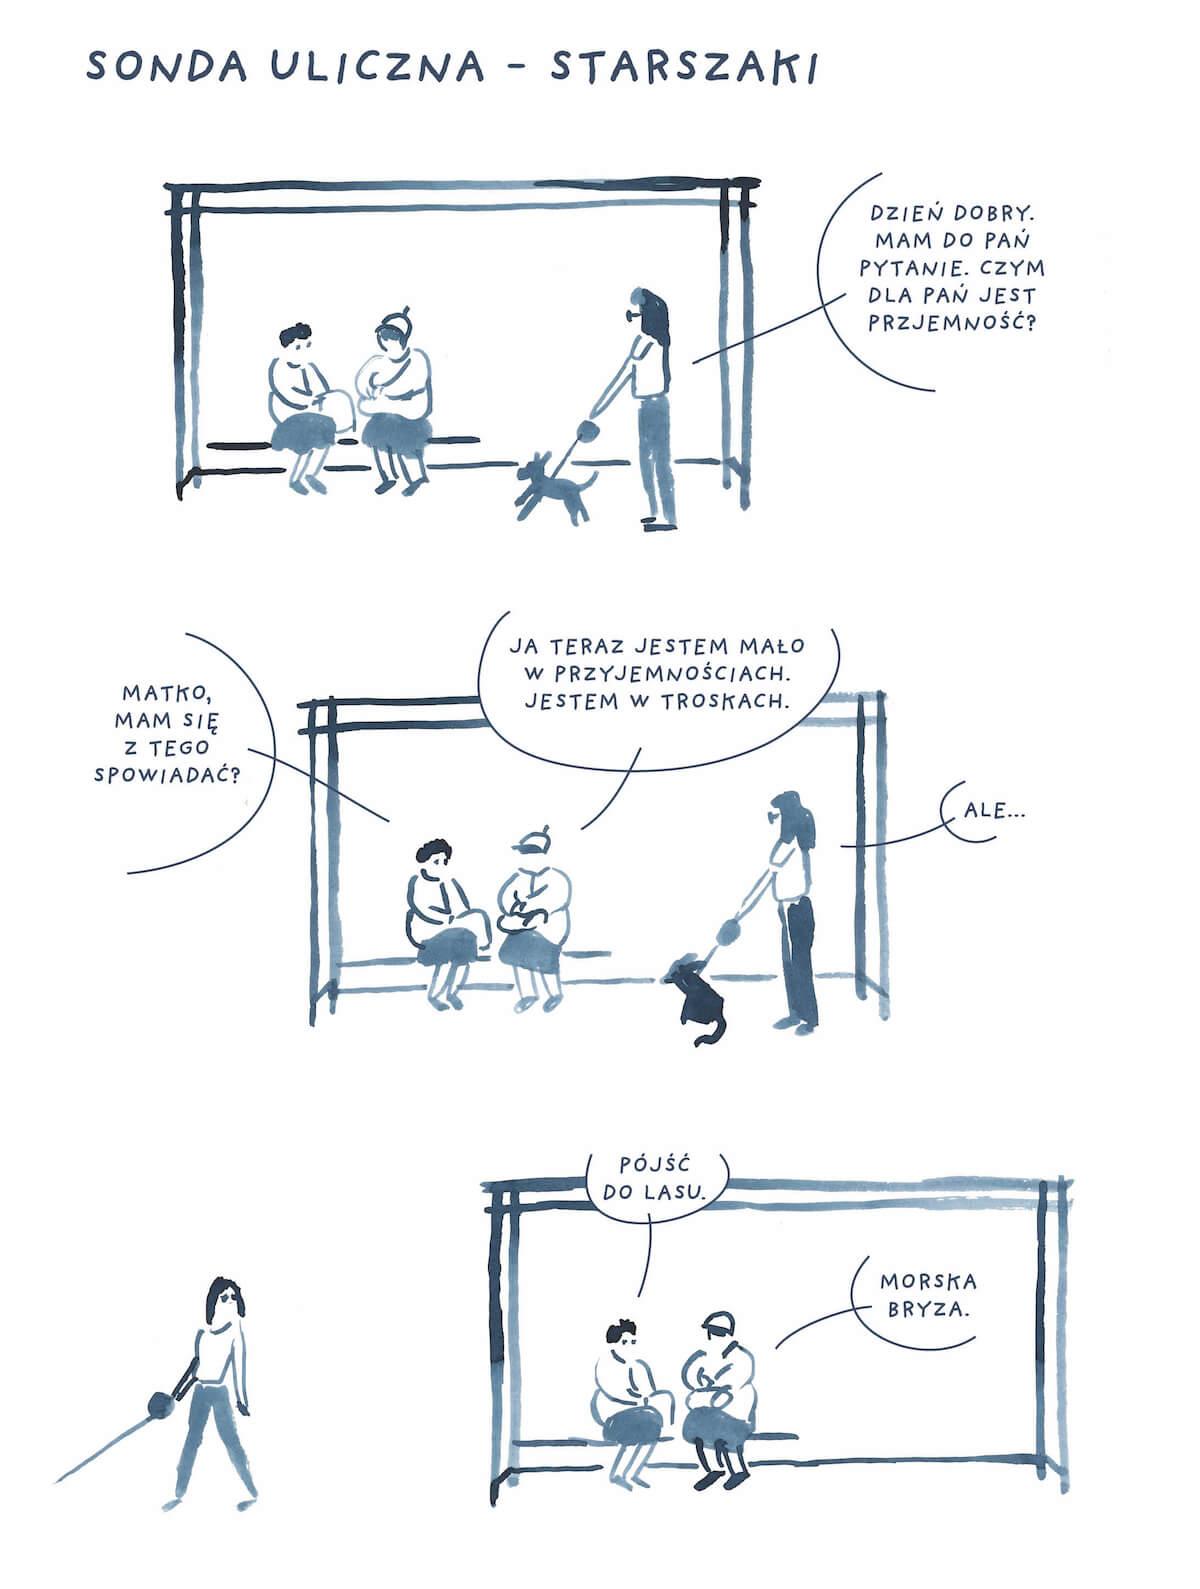 Komiks sondy ulicznej o przyjemności ze starszymi paniami.